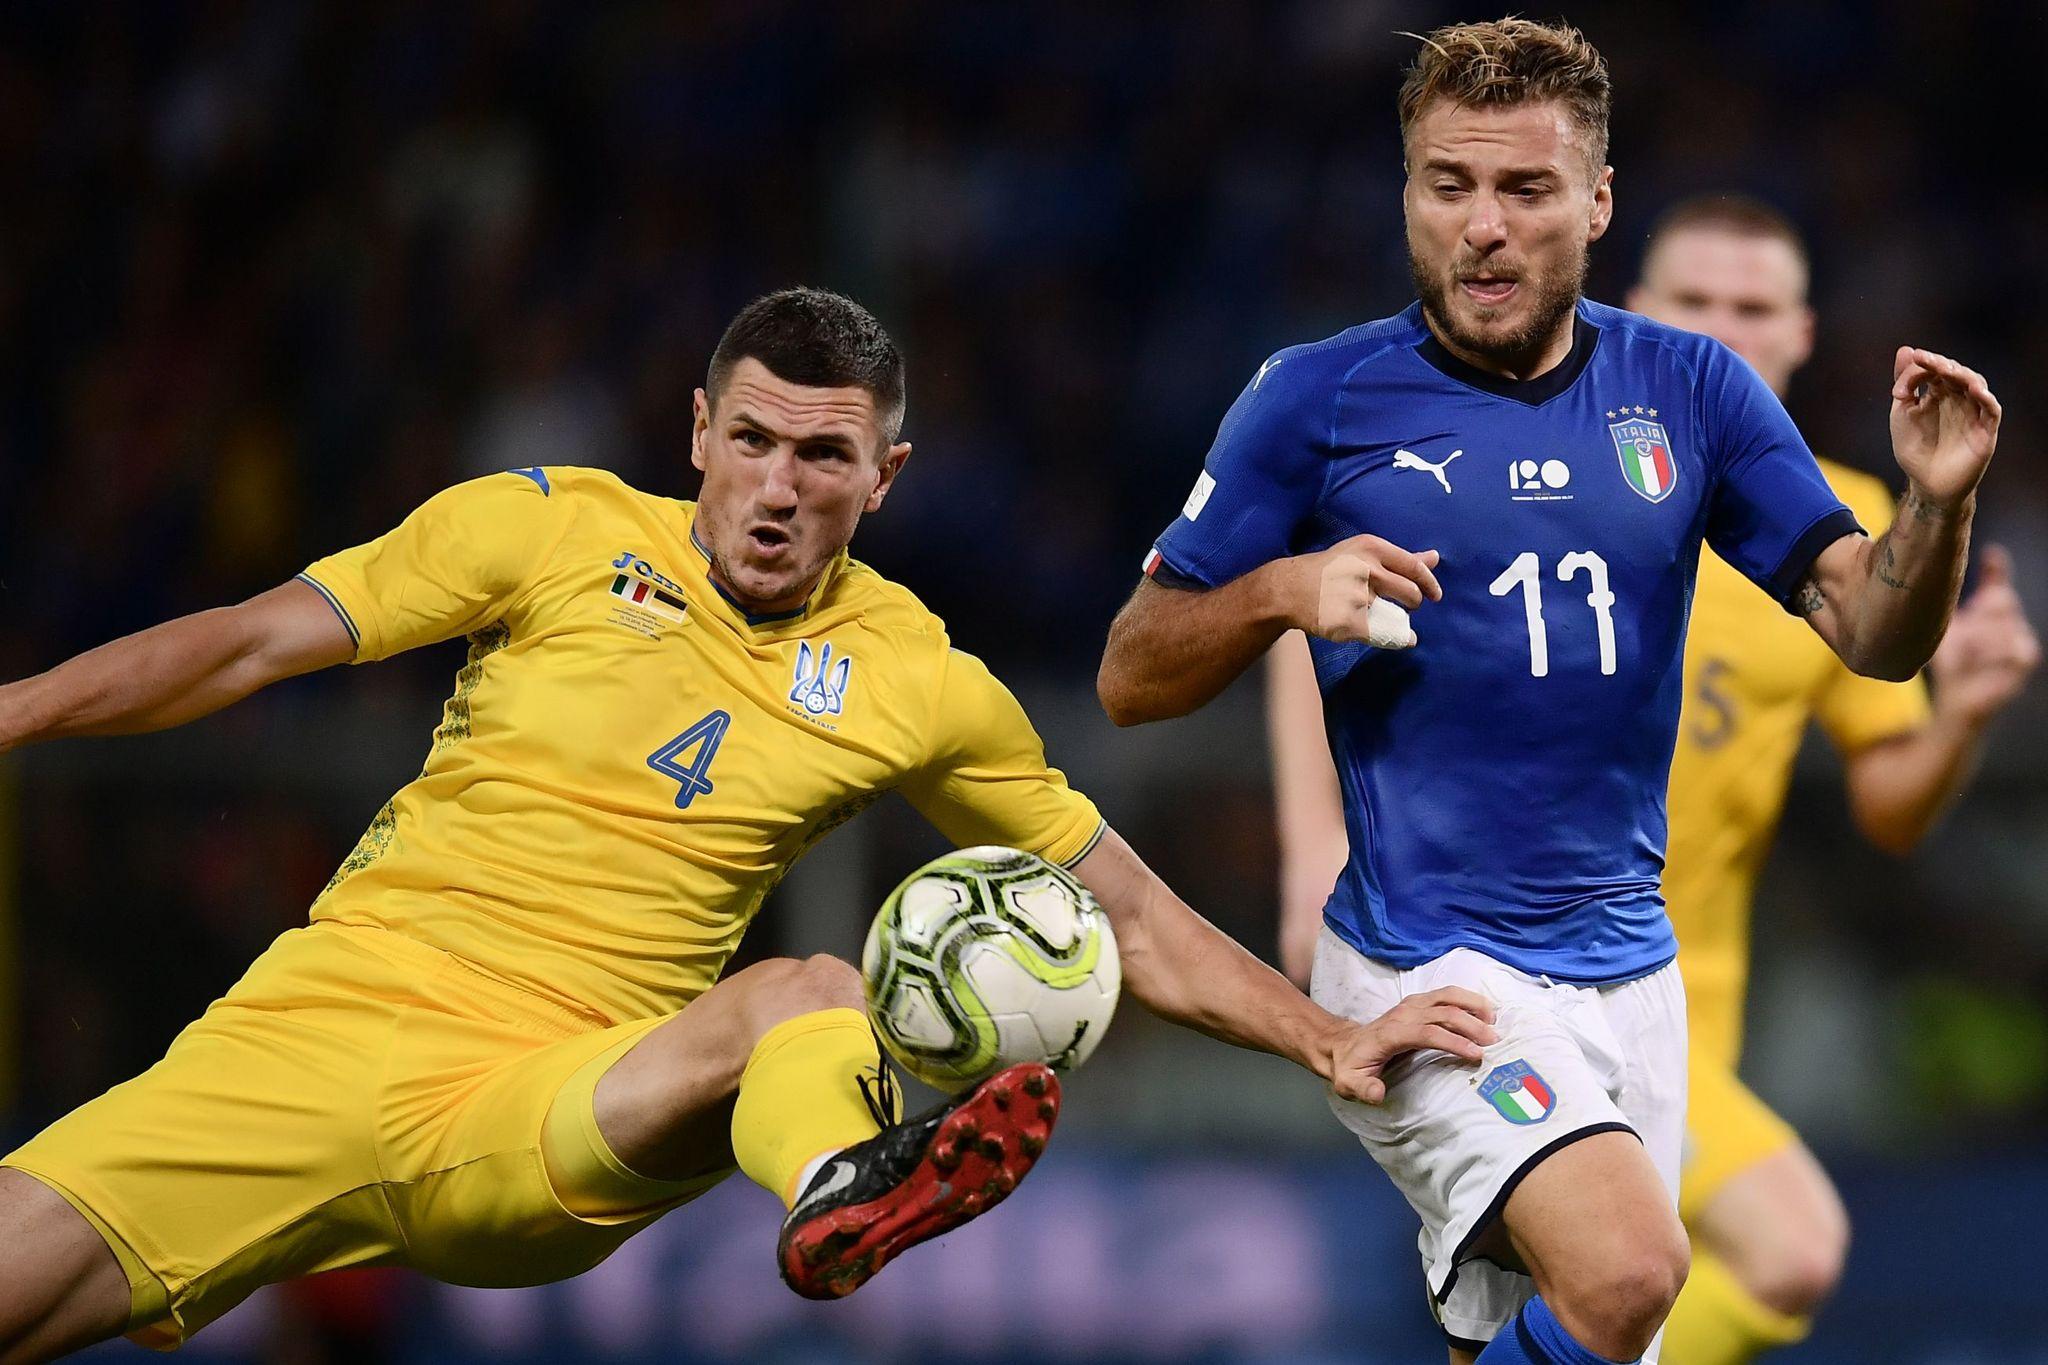 Los Malos Resultados De Italia Ante Ucrania